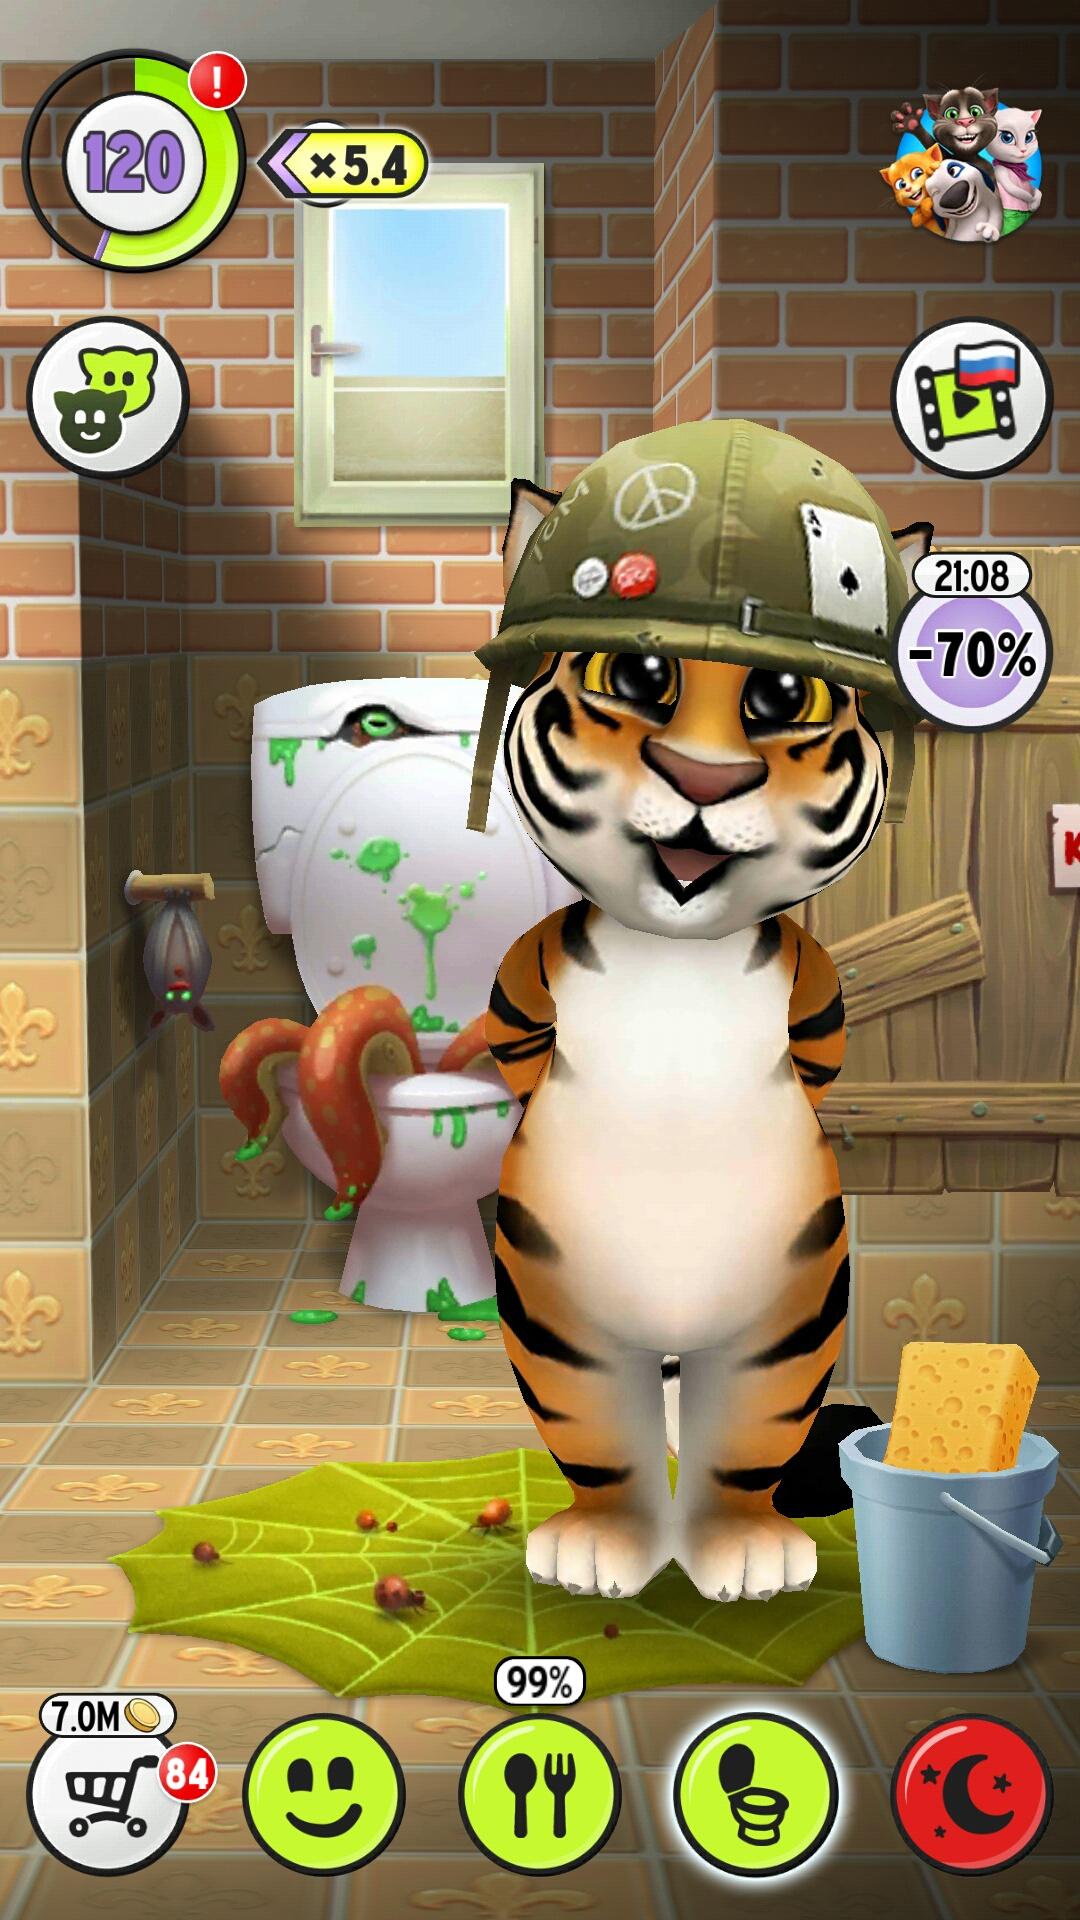 Скачать взломаную игру кот том